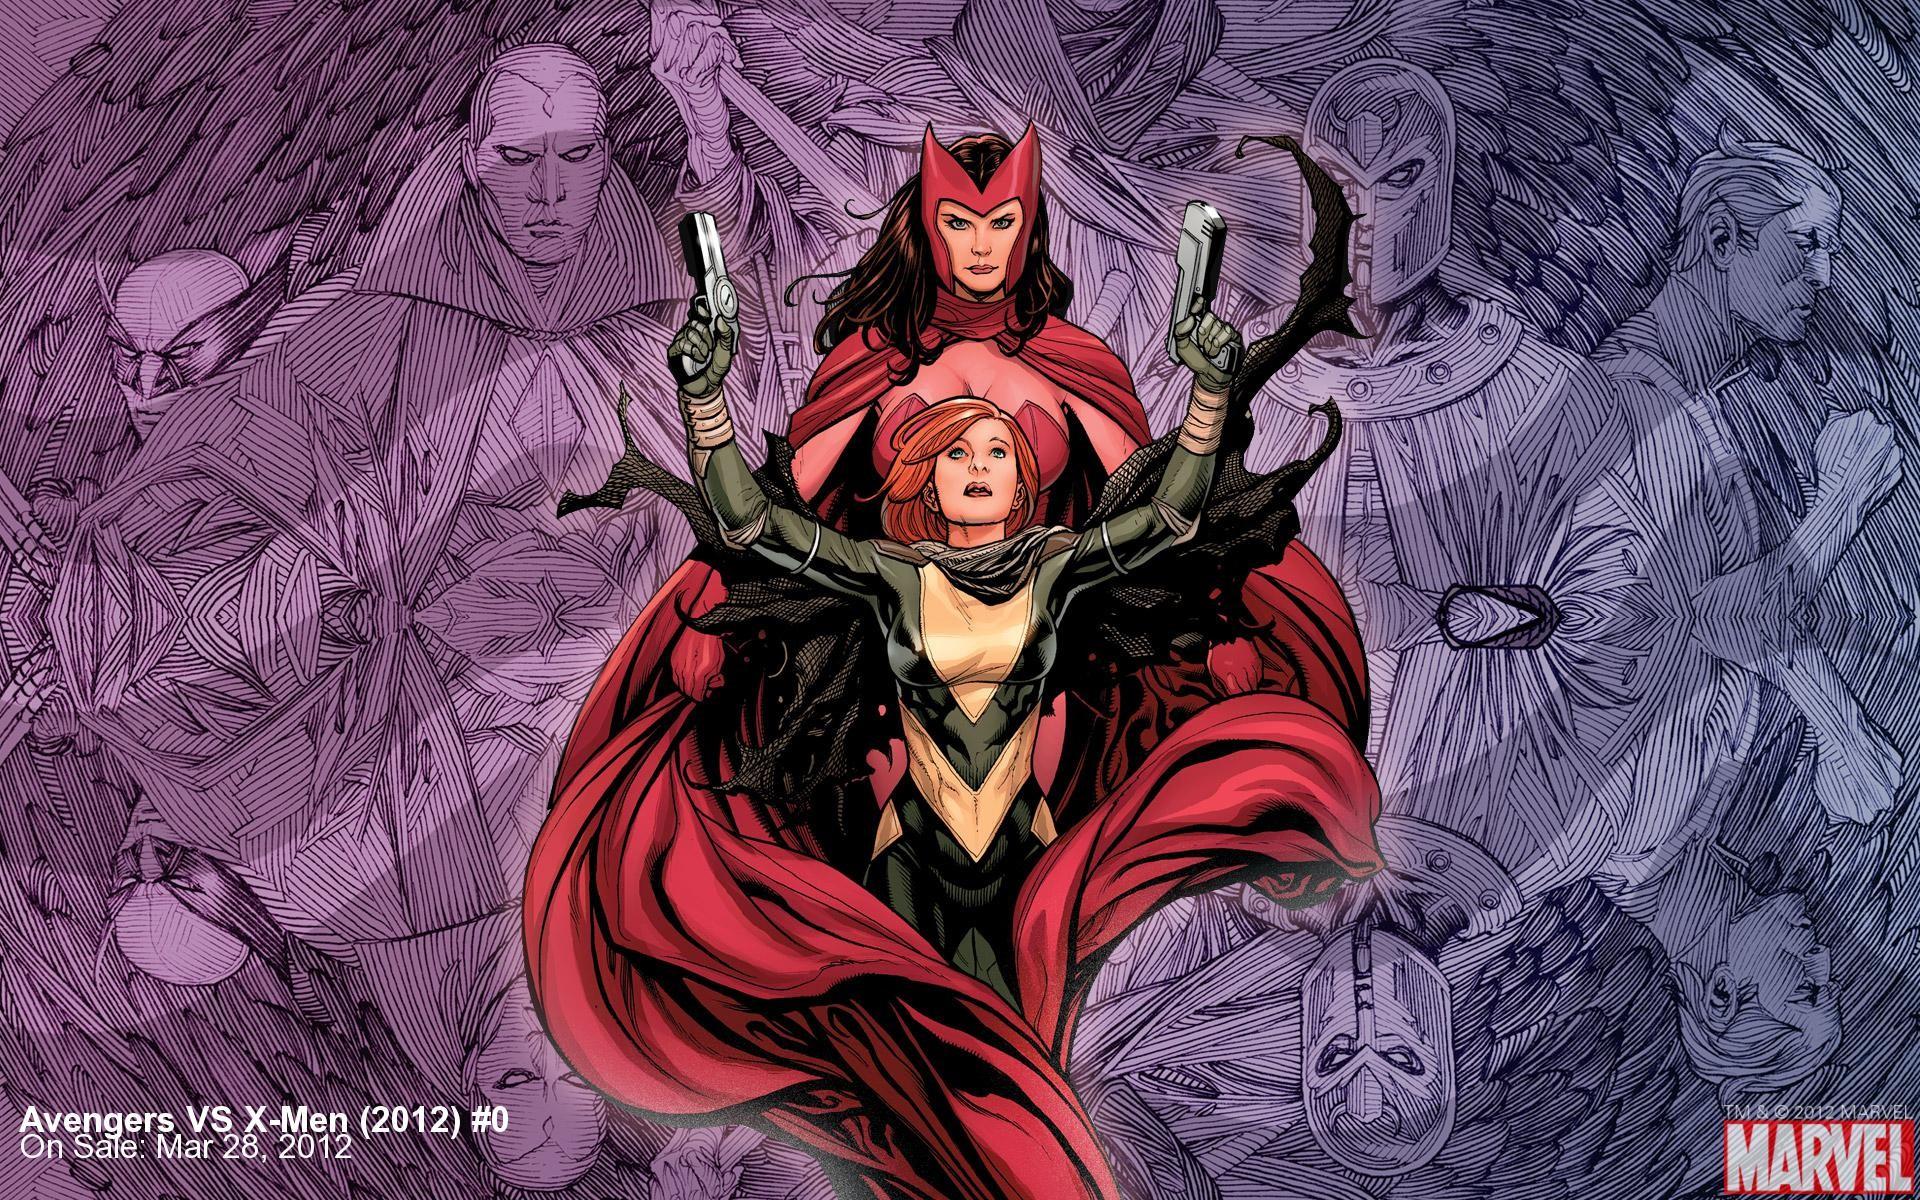 Avengers VS X-Men #0 (2012) | Marvel.com